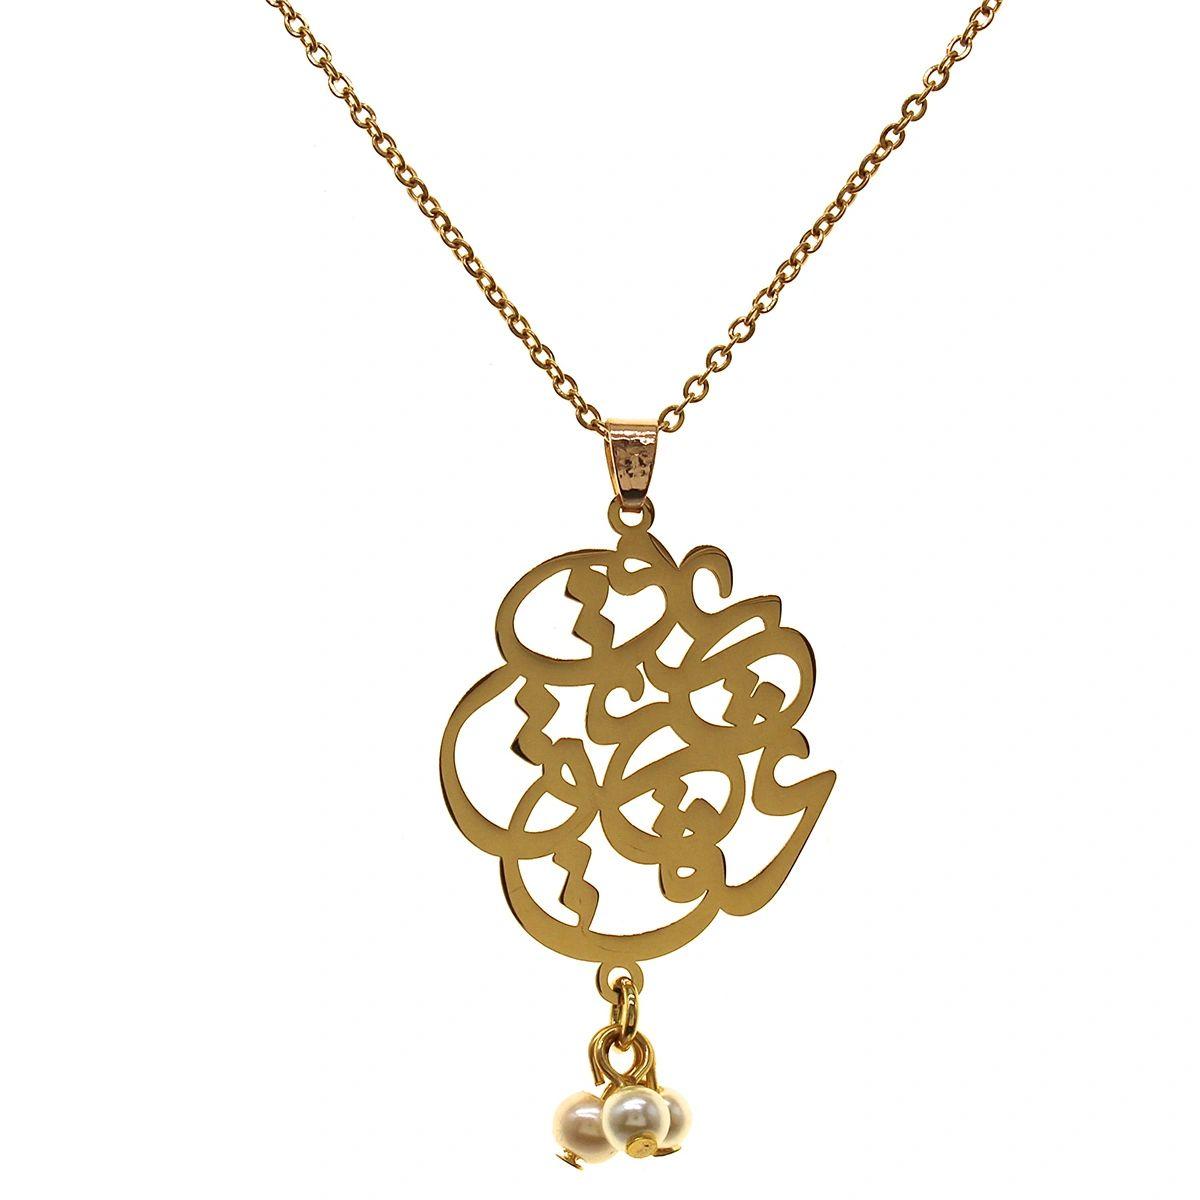 10K Gold Eshgh Farsi Love Necklace by JEWLR